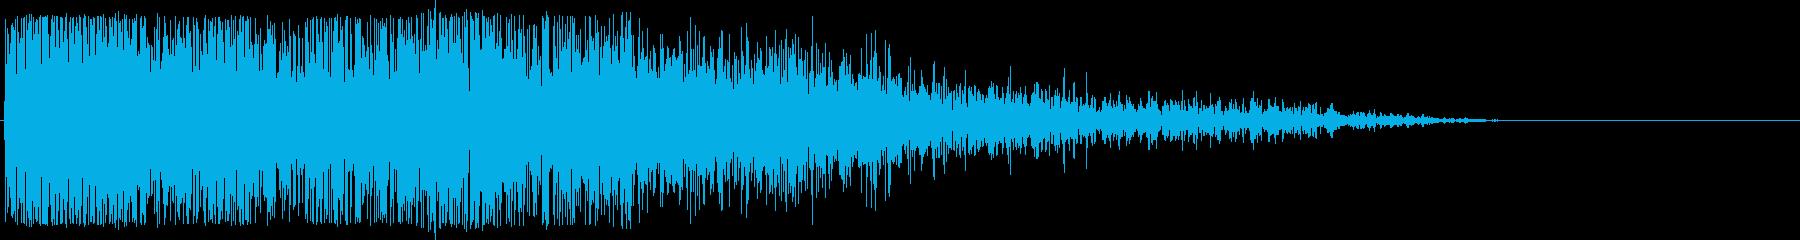 大爆発の再生済みの波形